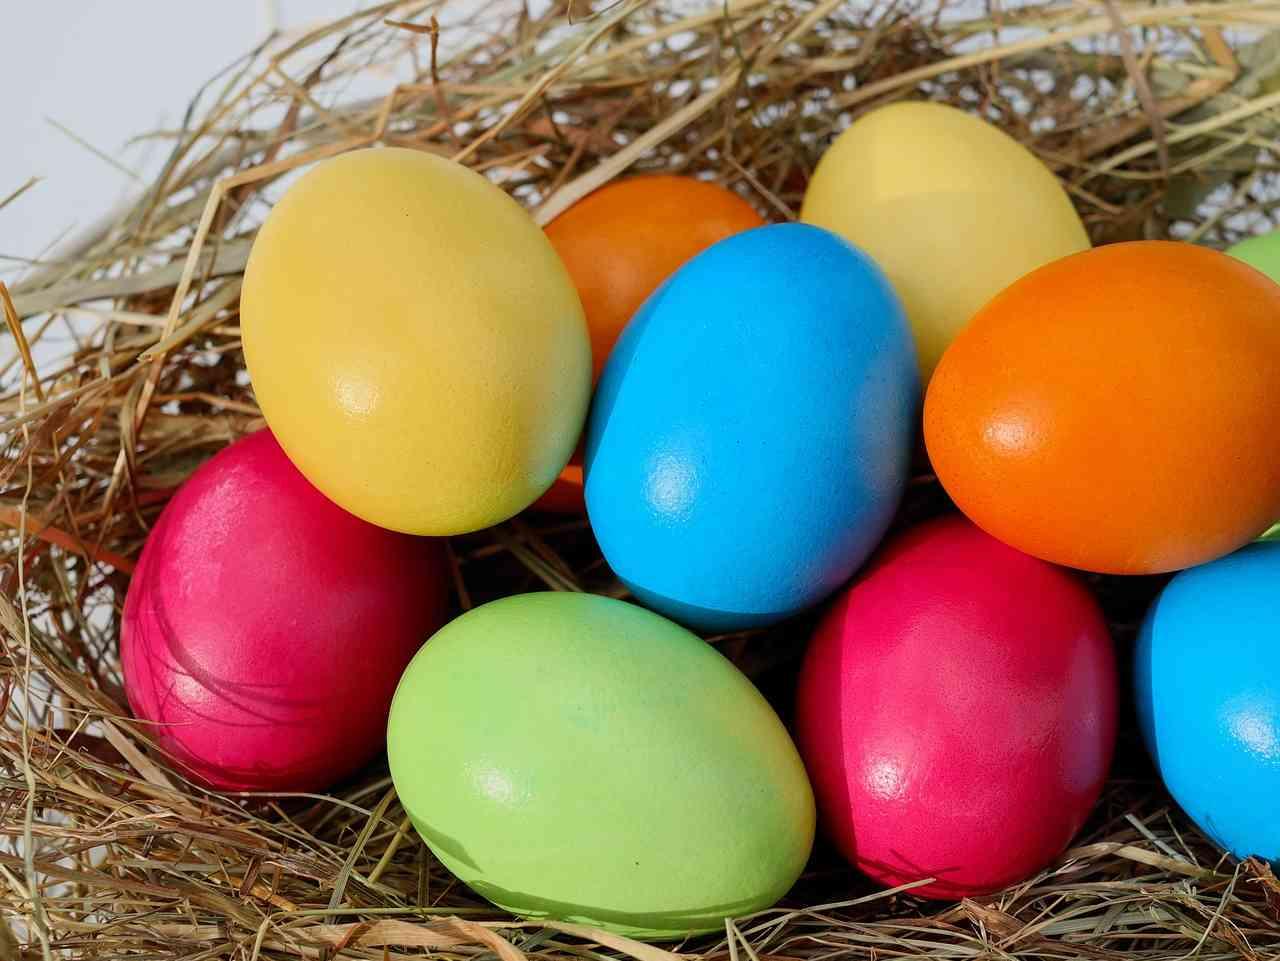 Immagine articolo: Perché Pasqua cambia data ogni anno? Ecco perché